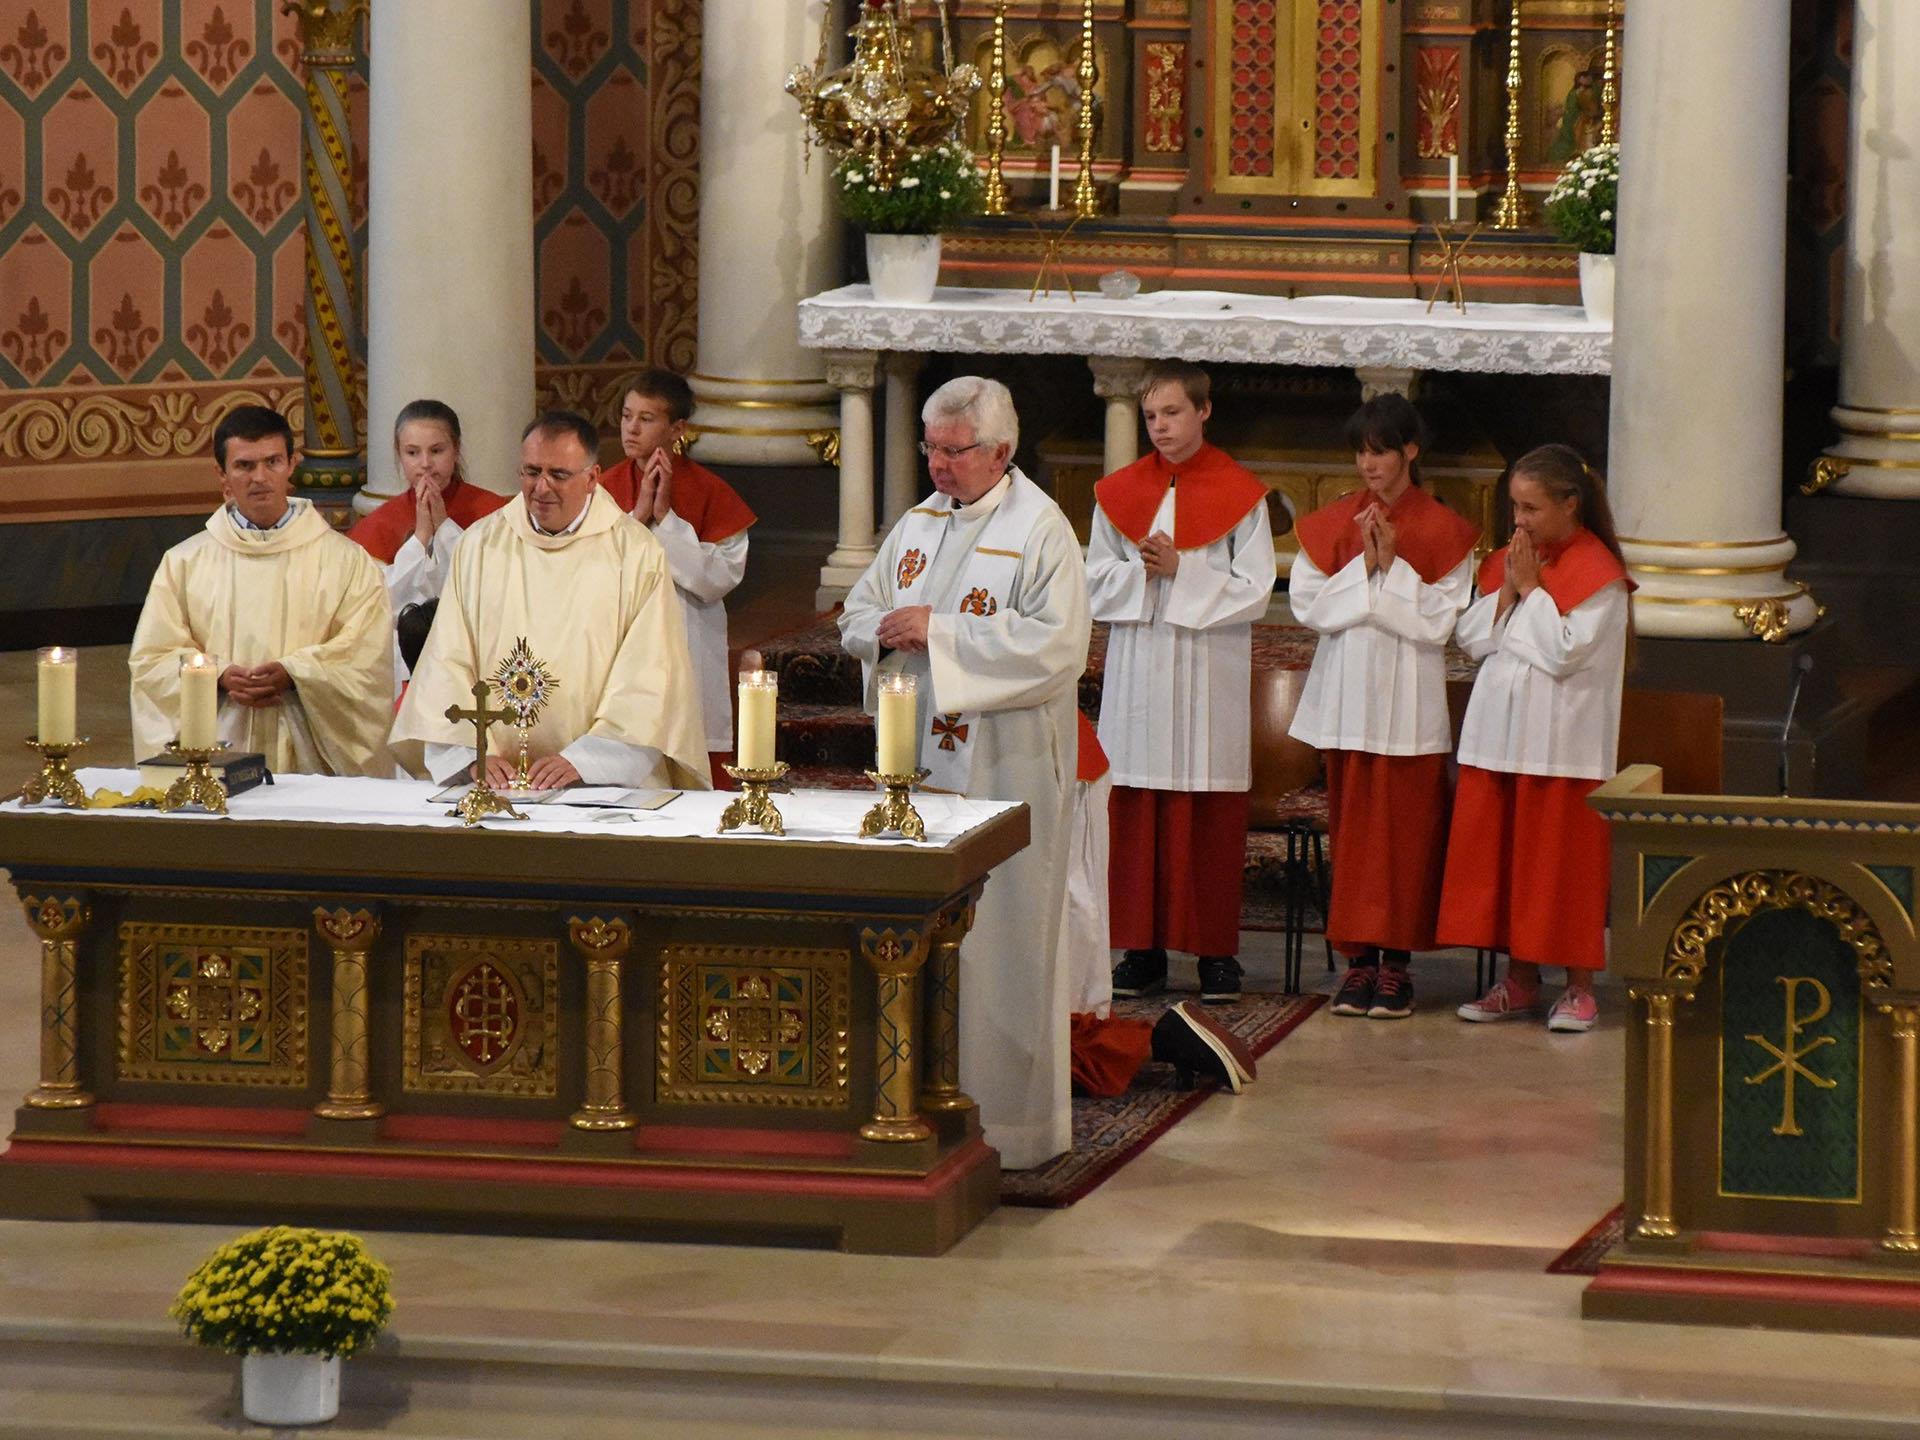 Sonntagsgottesdienst in der Pfarrkirche Schruns mit Pfarrvikar Gabriel Budulai, Pfarrmoderator Hans Tinkhauser und Dekan Pater Adrian